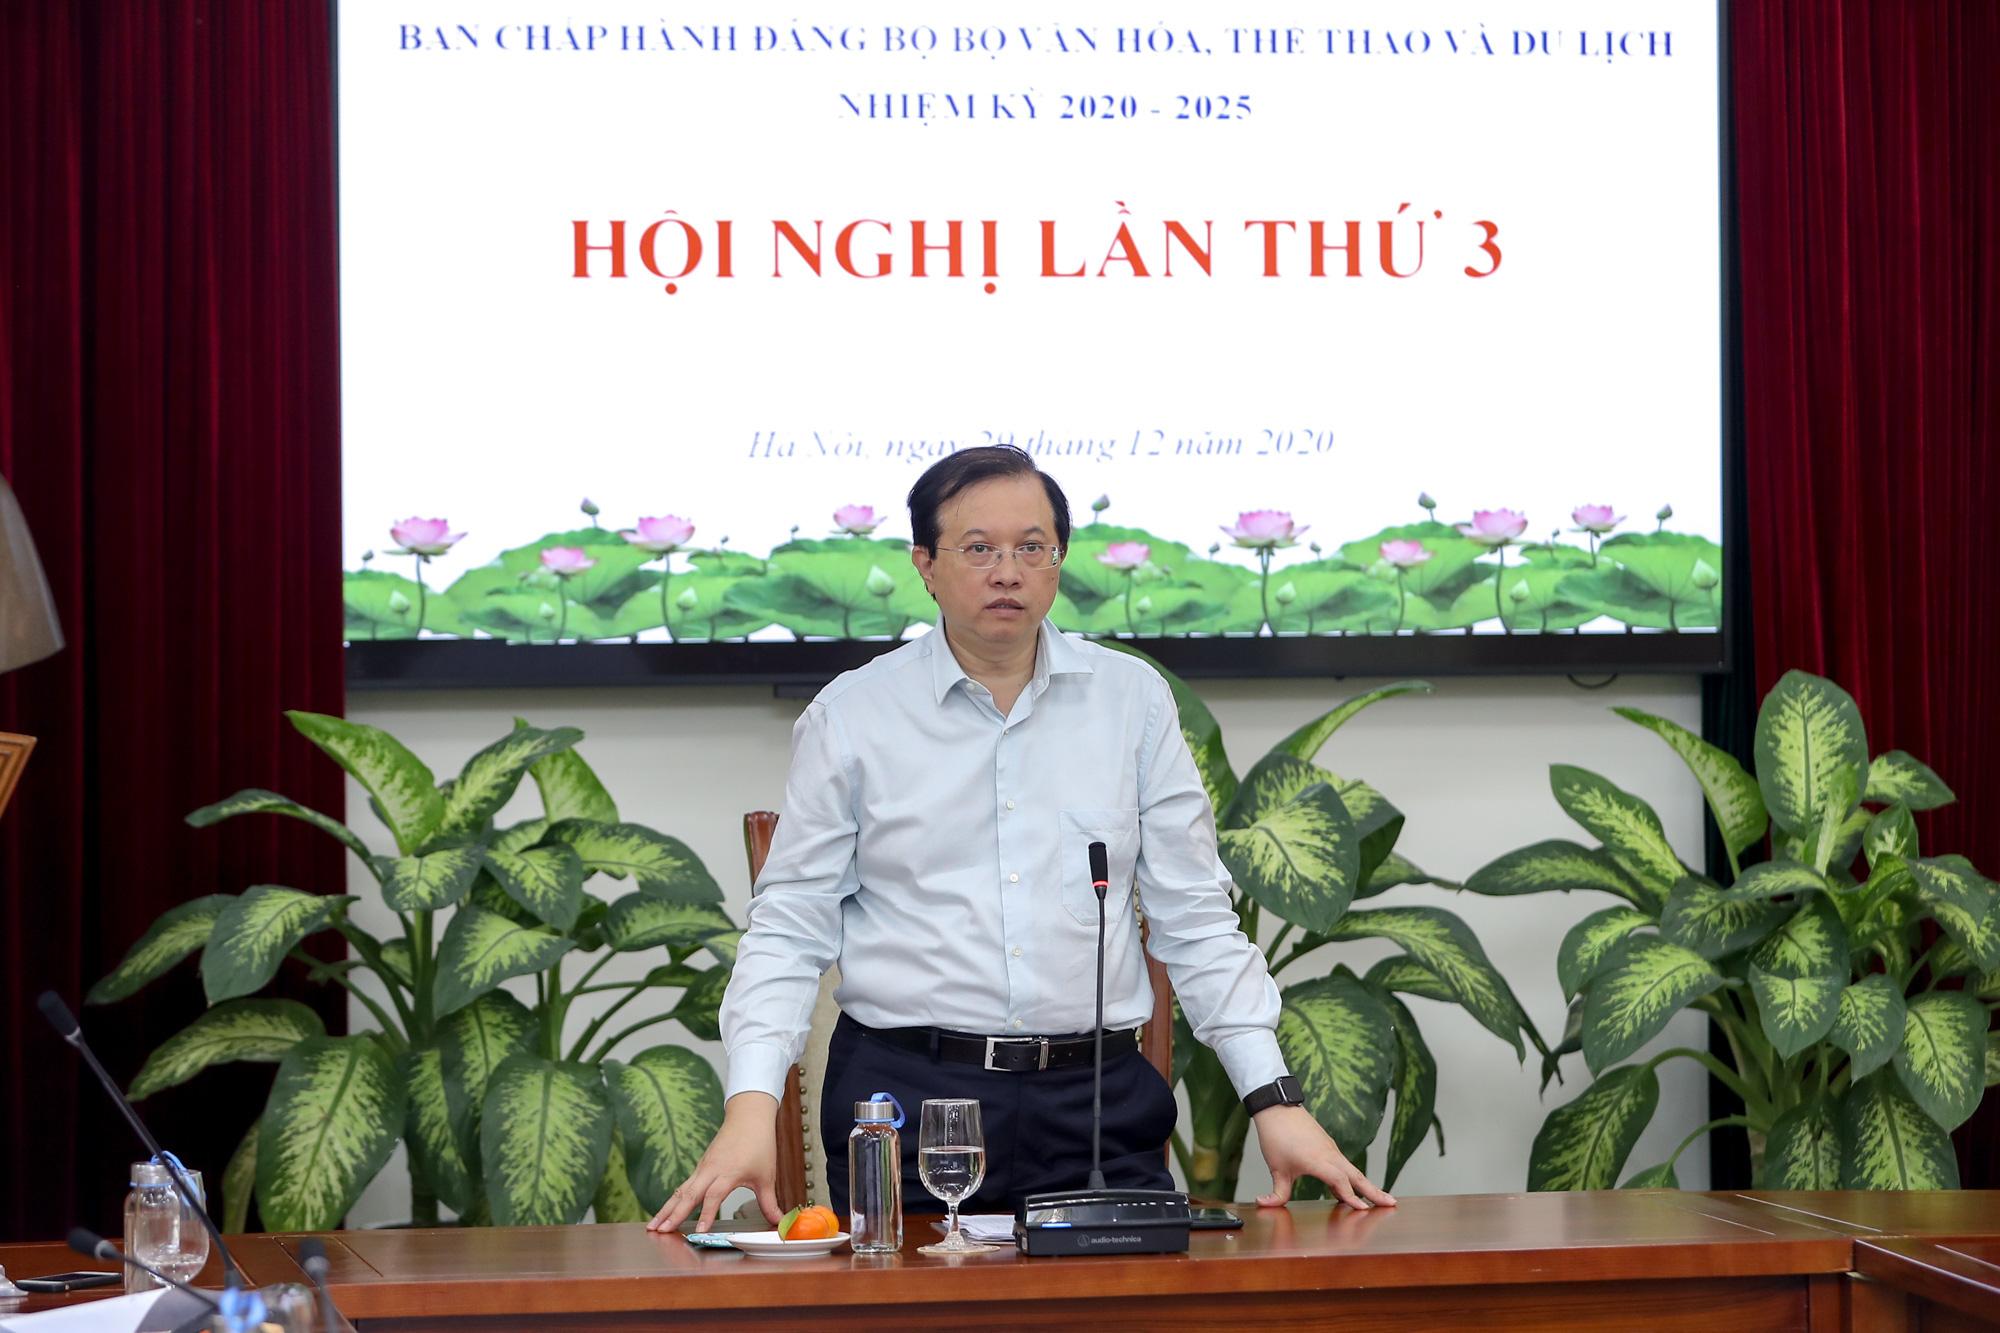 Hội nghị Ban chấp hành Đảng bộ Bộ VHTTDL lần thứ 3 - Ảnh 1.